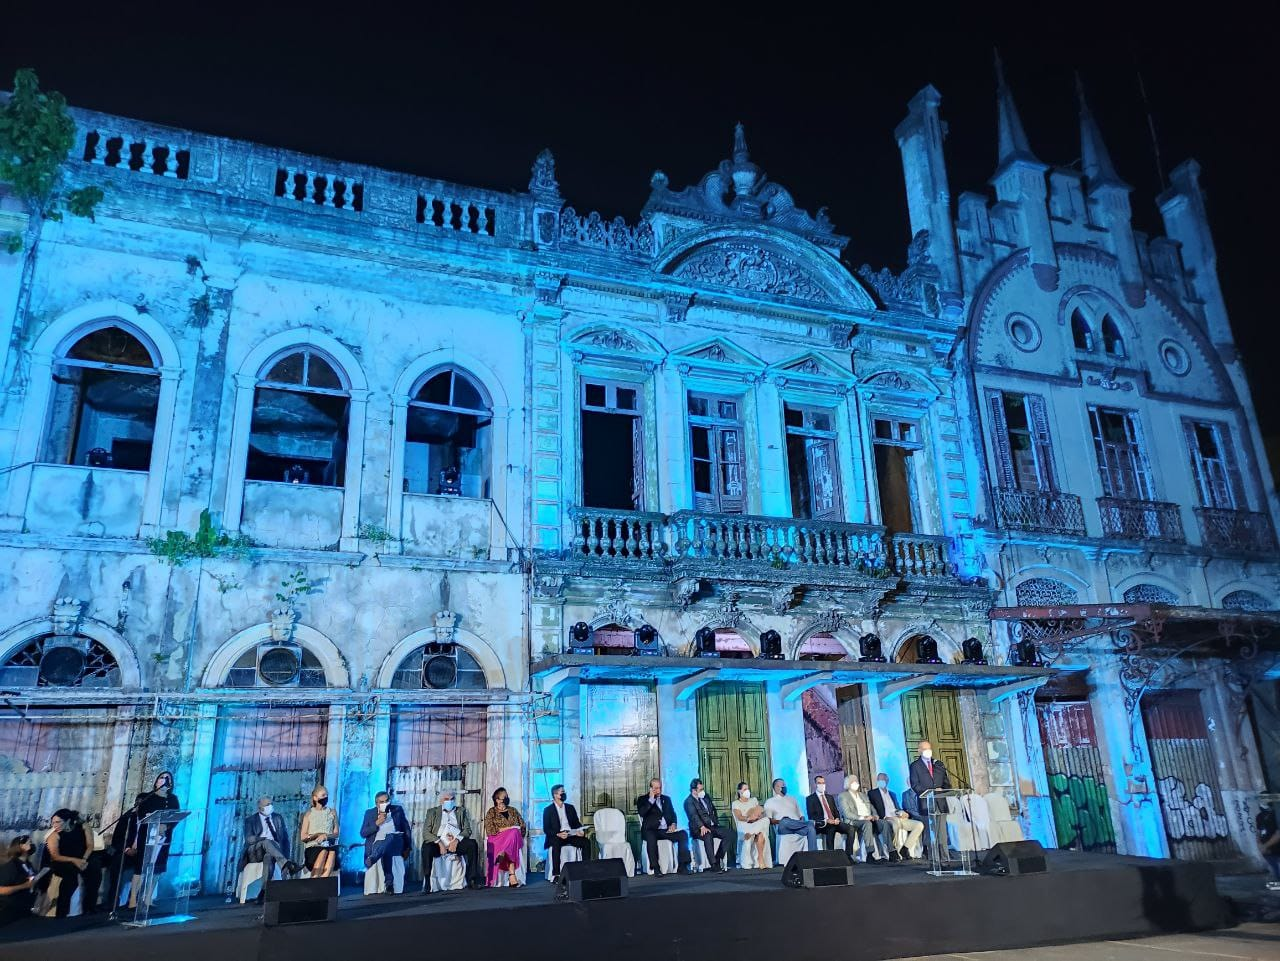 Casarão histórico no centro de Manaus será restaurado pelo TCE-AM em parceria com Prefeitura